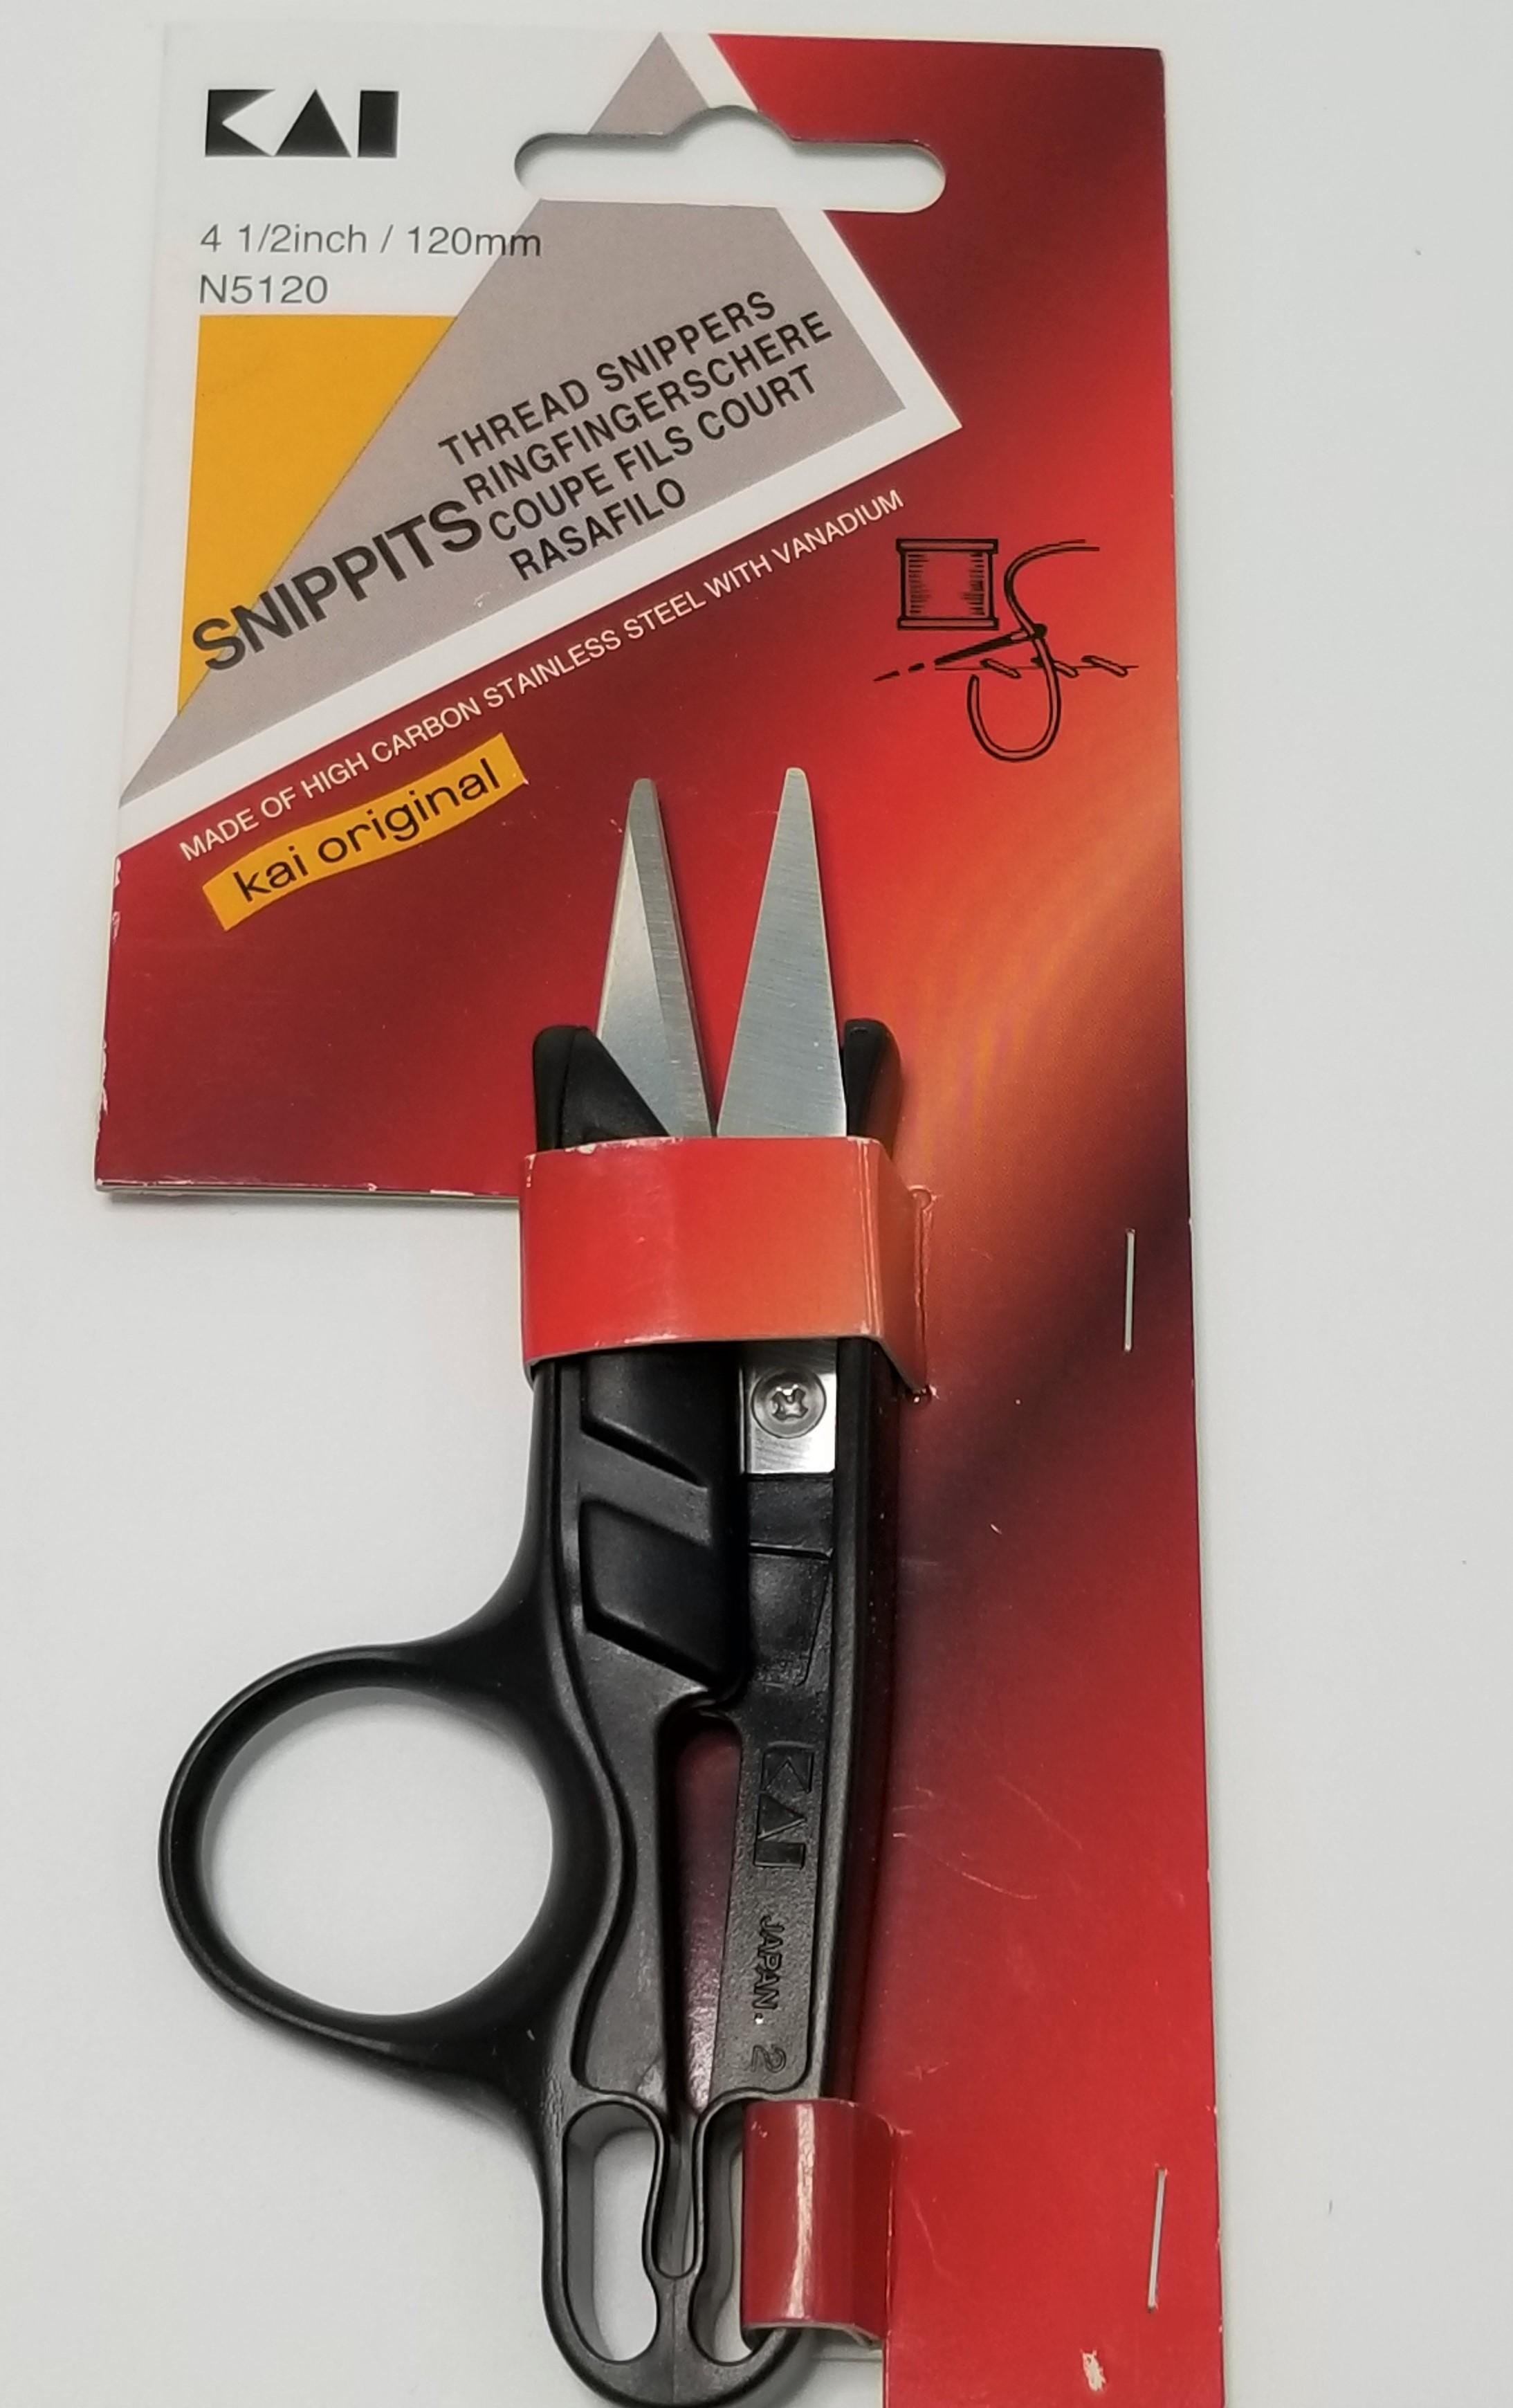 Kéo cắt chỉ cao cấp thương hiệu KAI Nhật Bản N5120 (120mm)